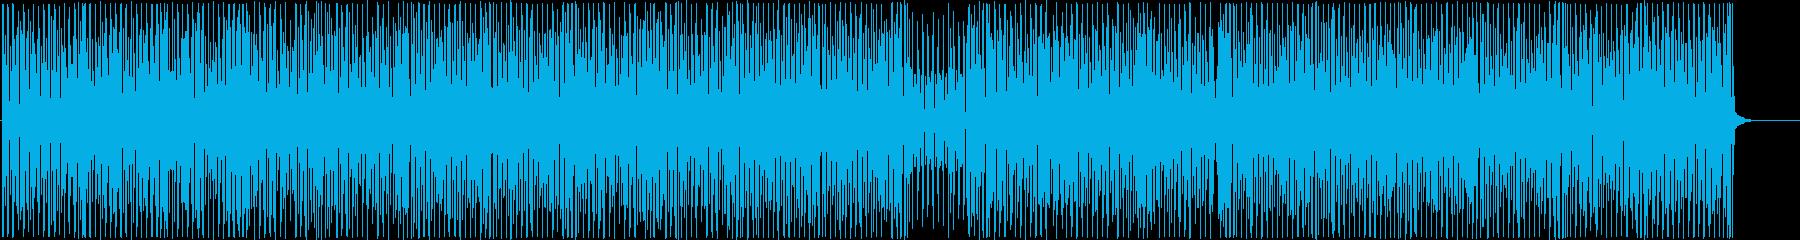 三味線がかっこいい4つ打ち和風ダンスの再生済みの波形